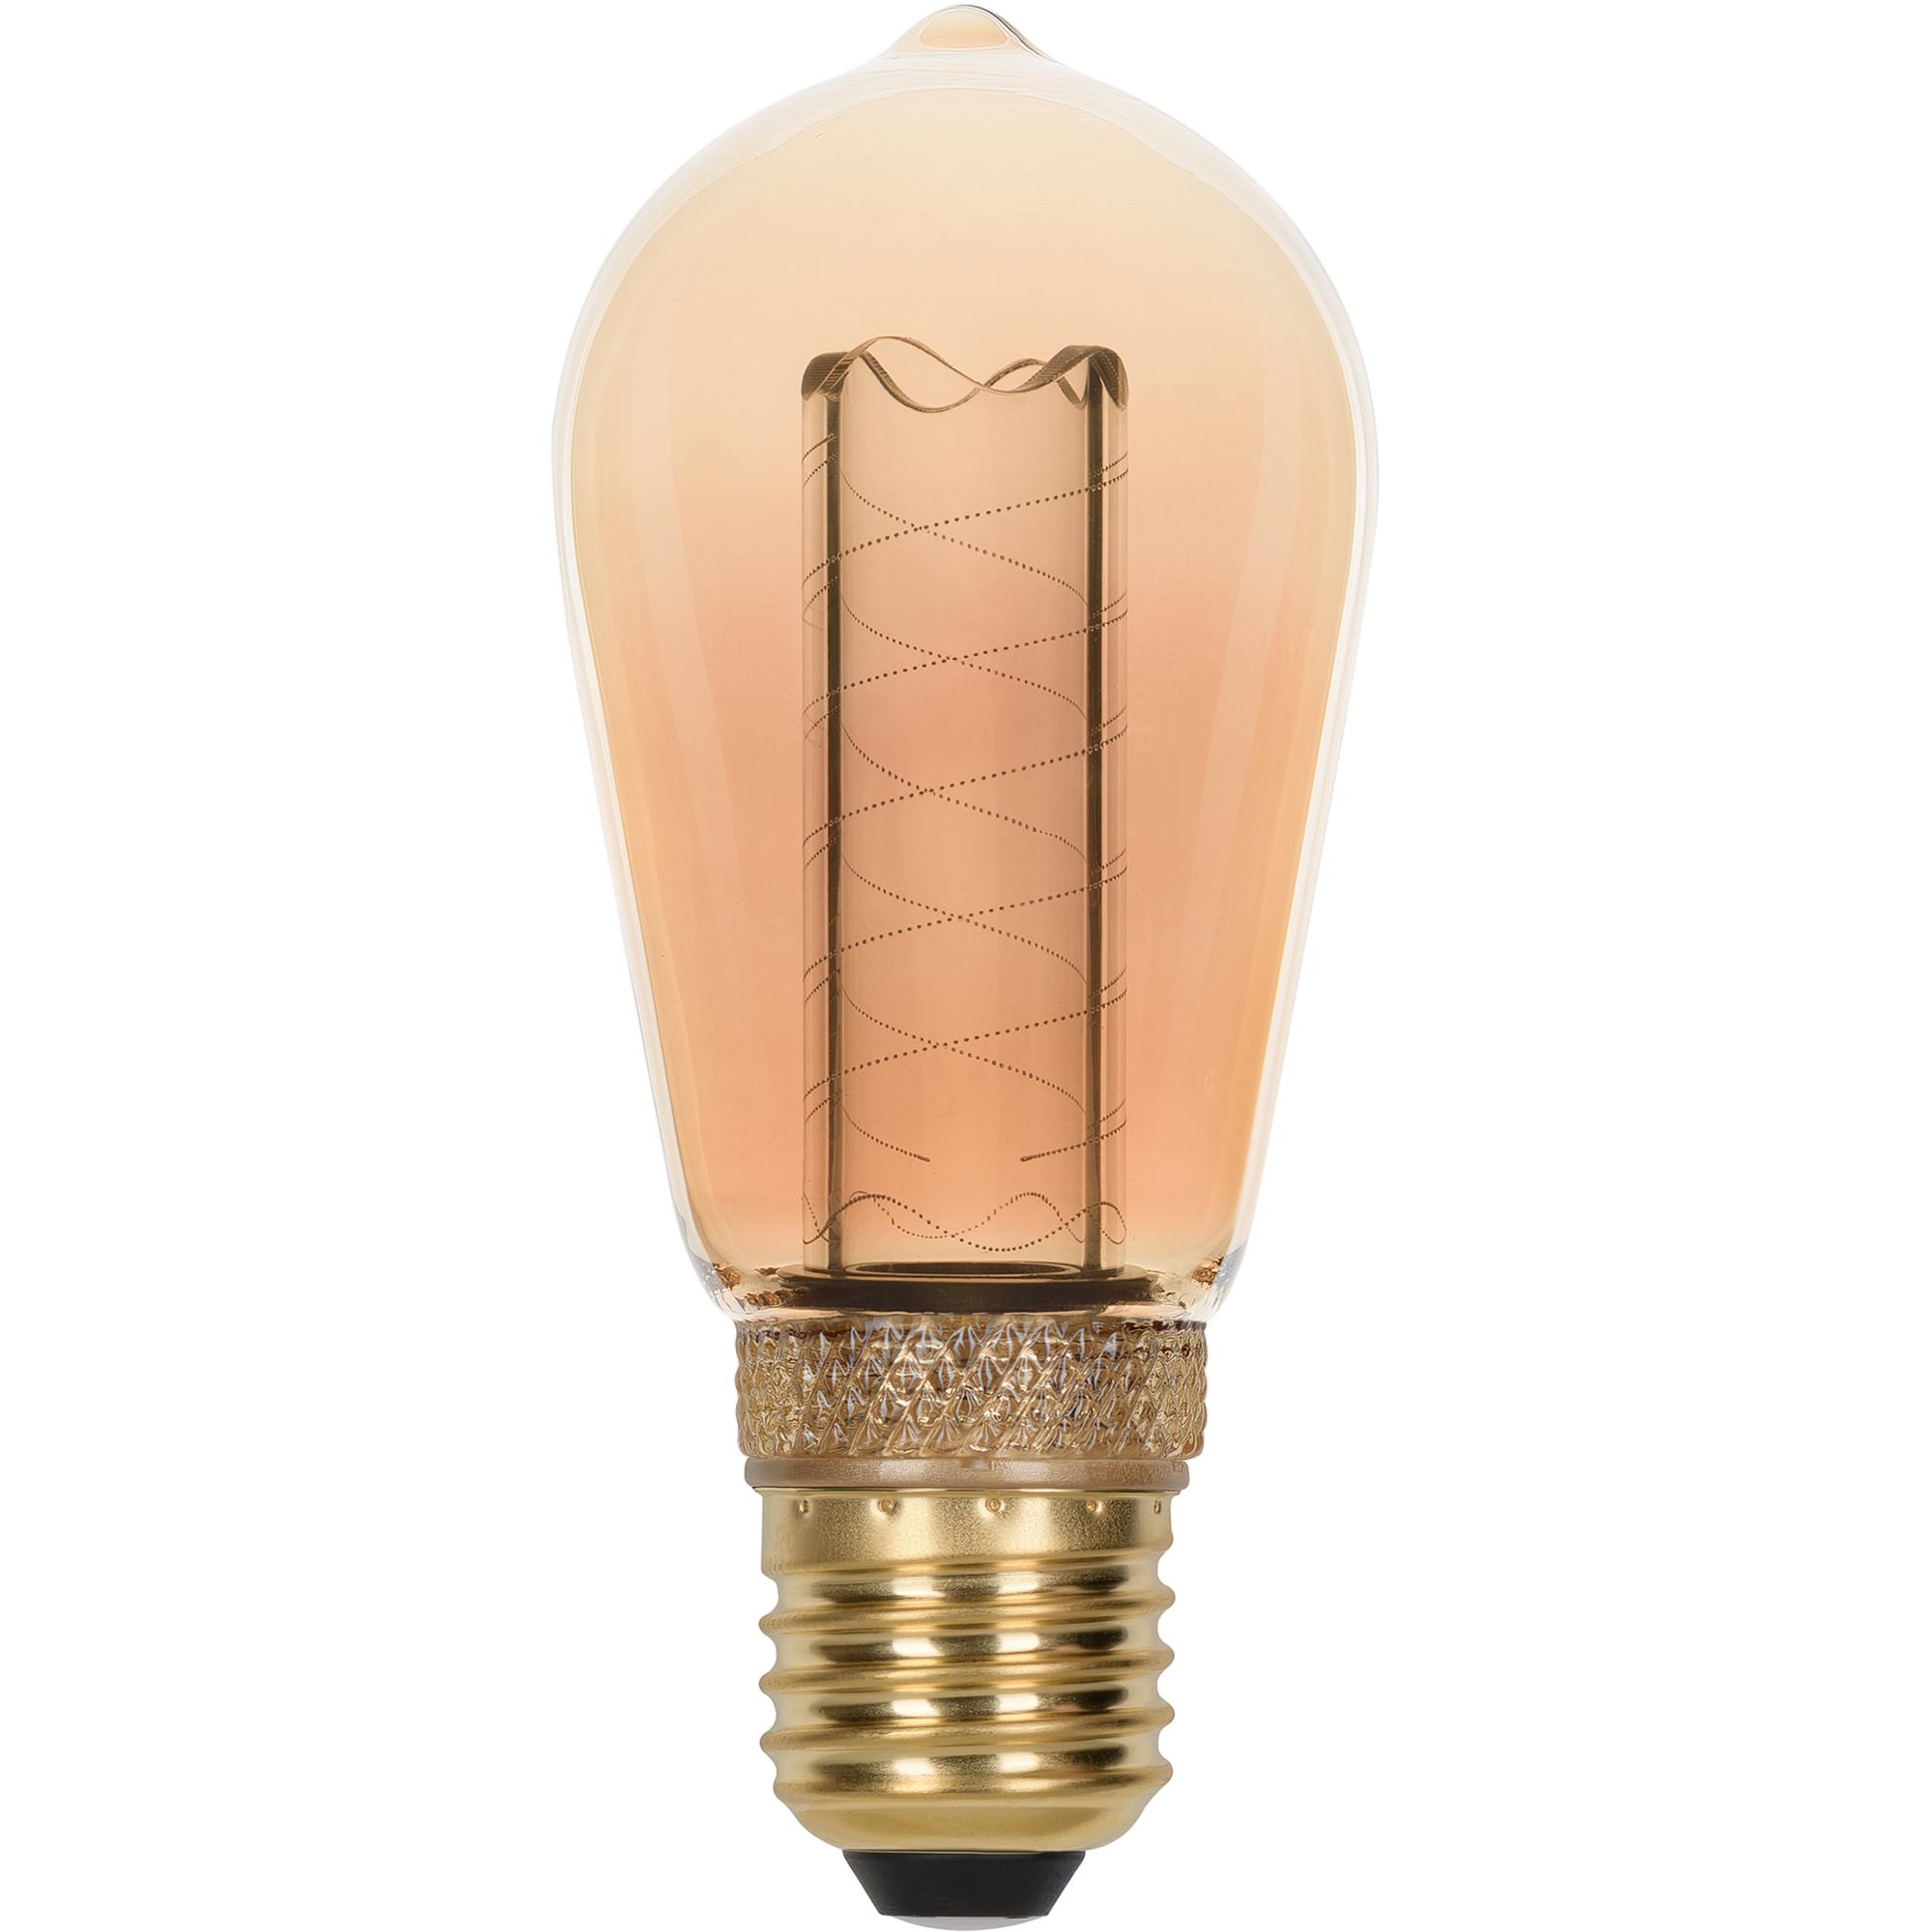 Лампа светодиодная филаментная Gauss Vintage E27 230 В 2.5 Вт конус 130 лм свет янтарный